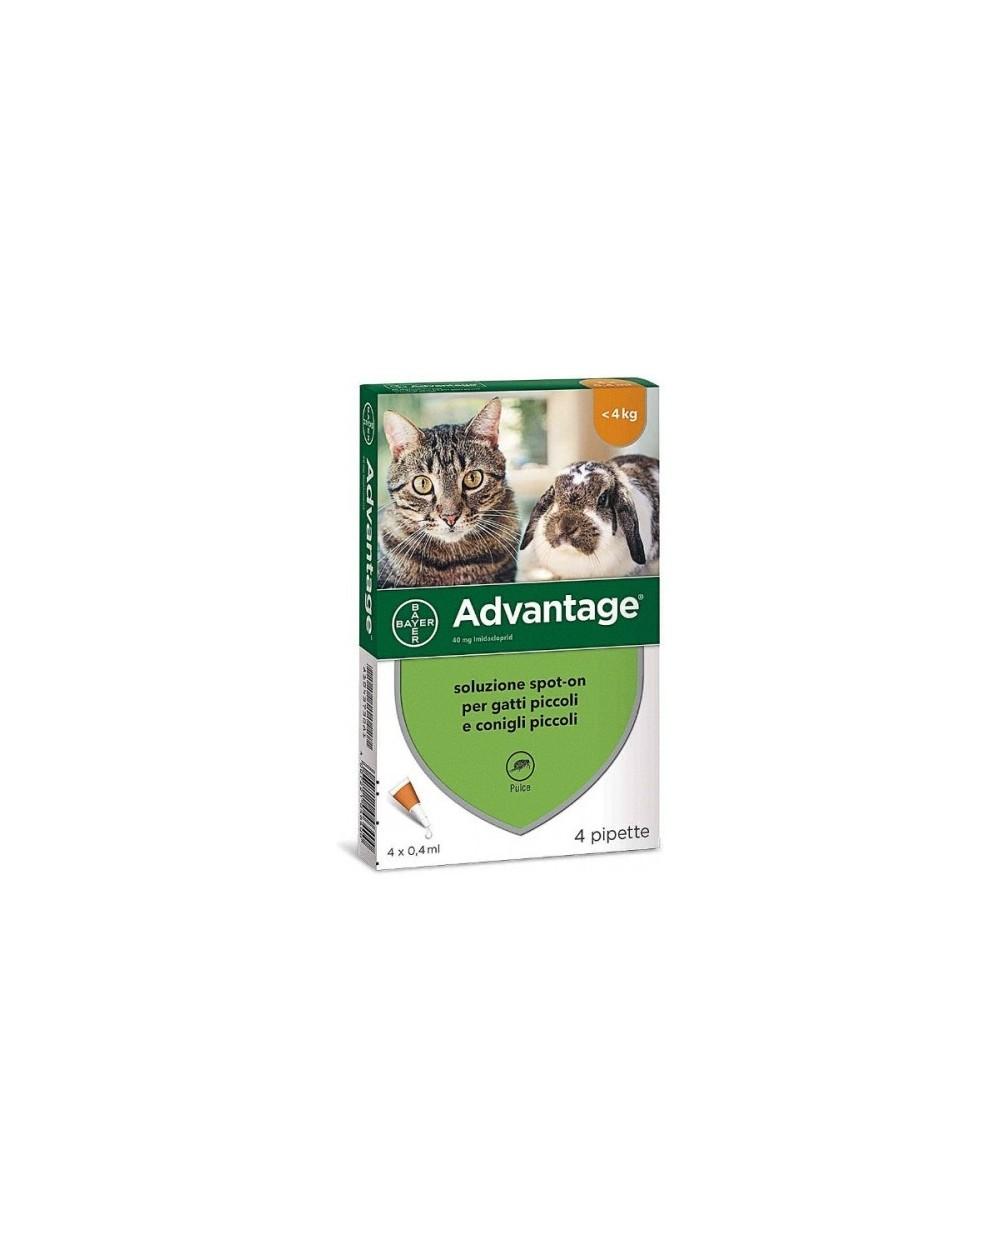 Bayer Advantage 40mg Fialette per Gatti Sotto i 4Kg e Conigli